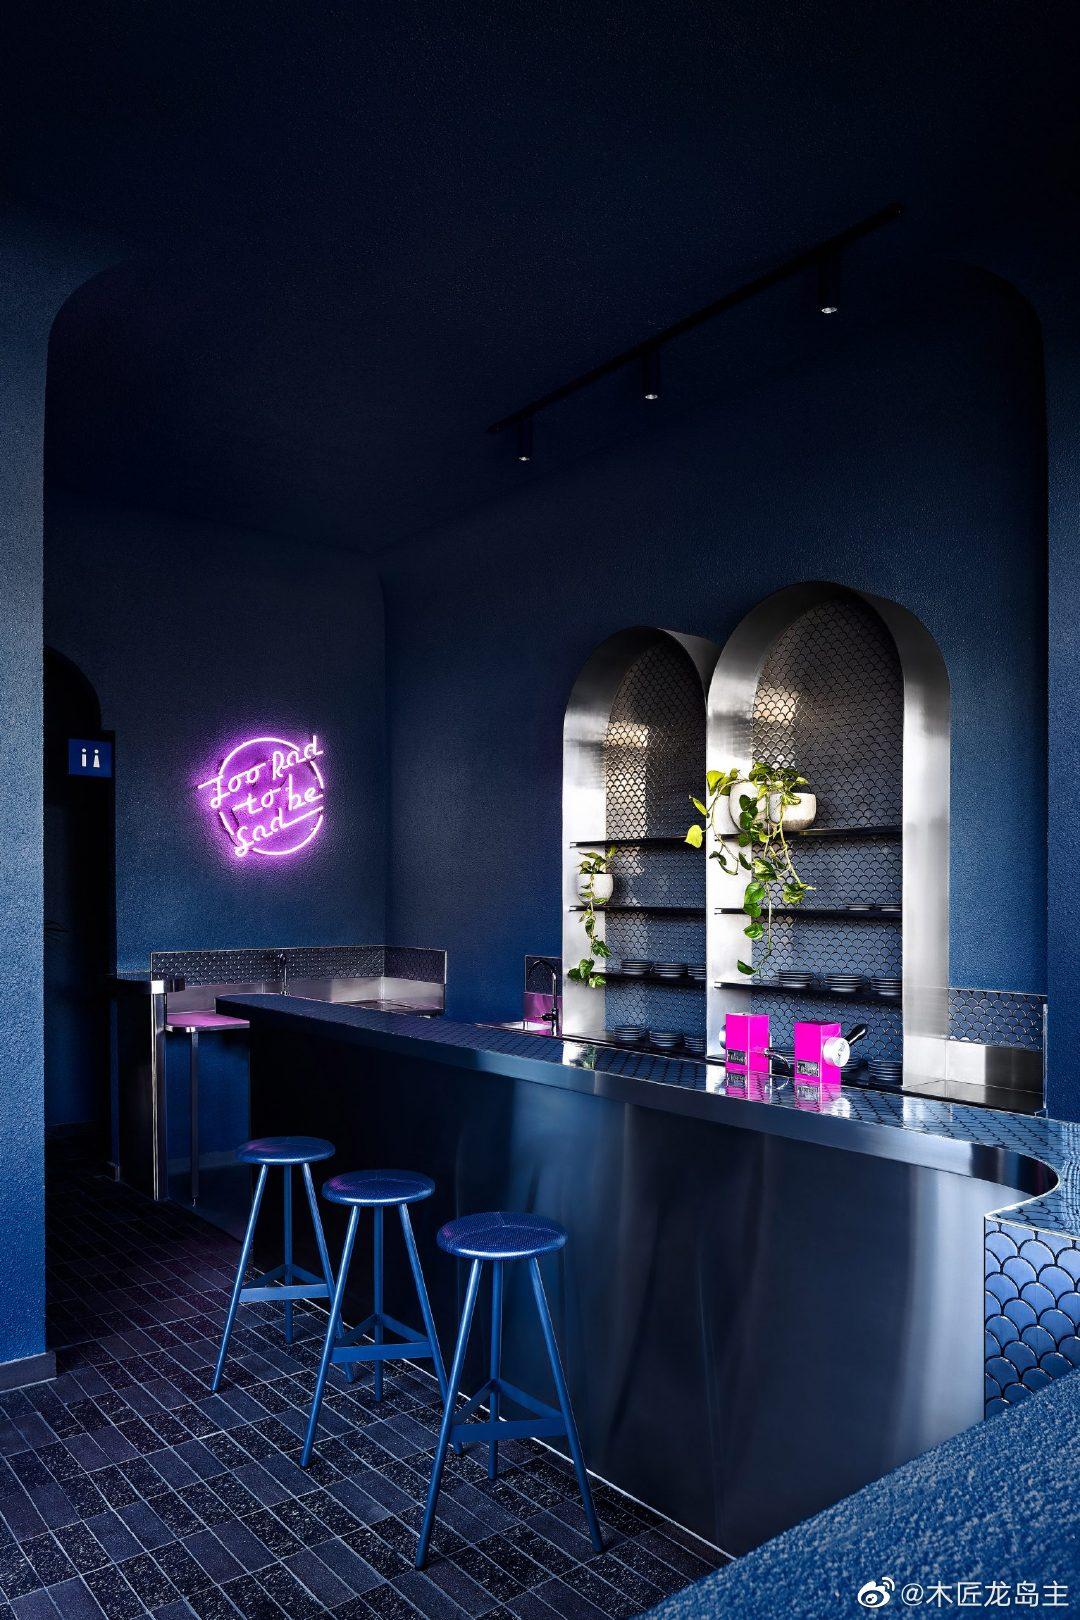 比亚索尔在墨尔本餐厅比莉·鲍里传递着20世纪80年代的怀旧情绪  设计